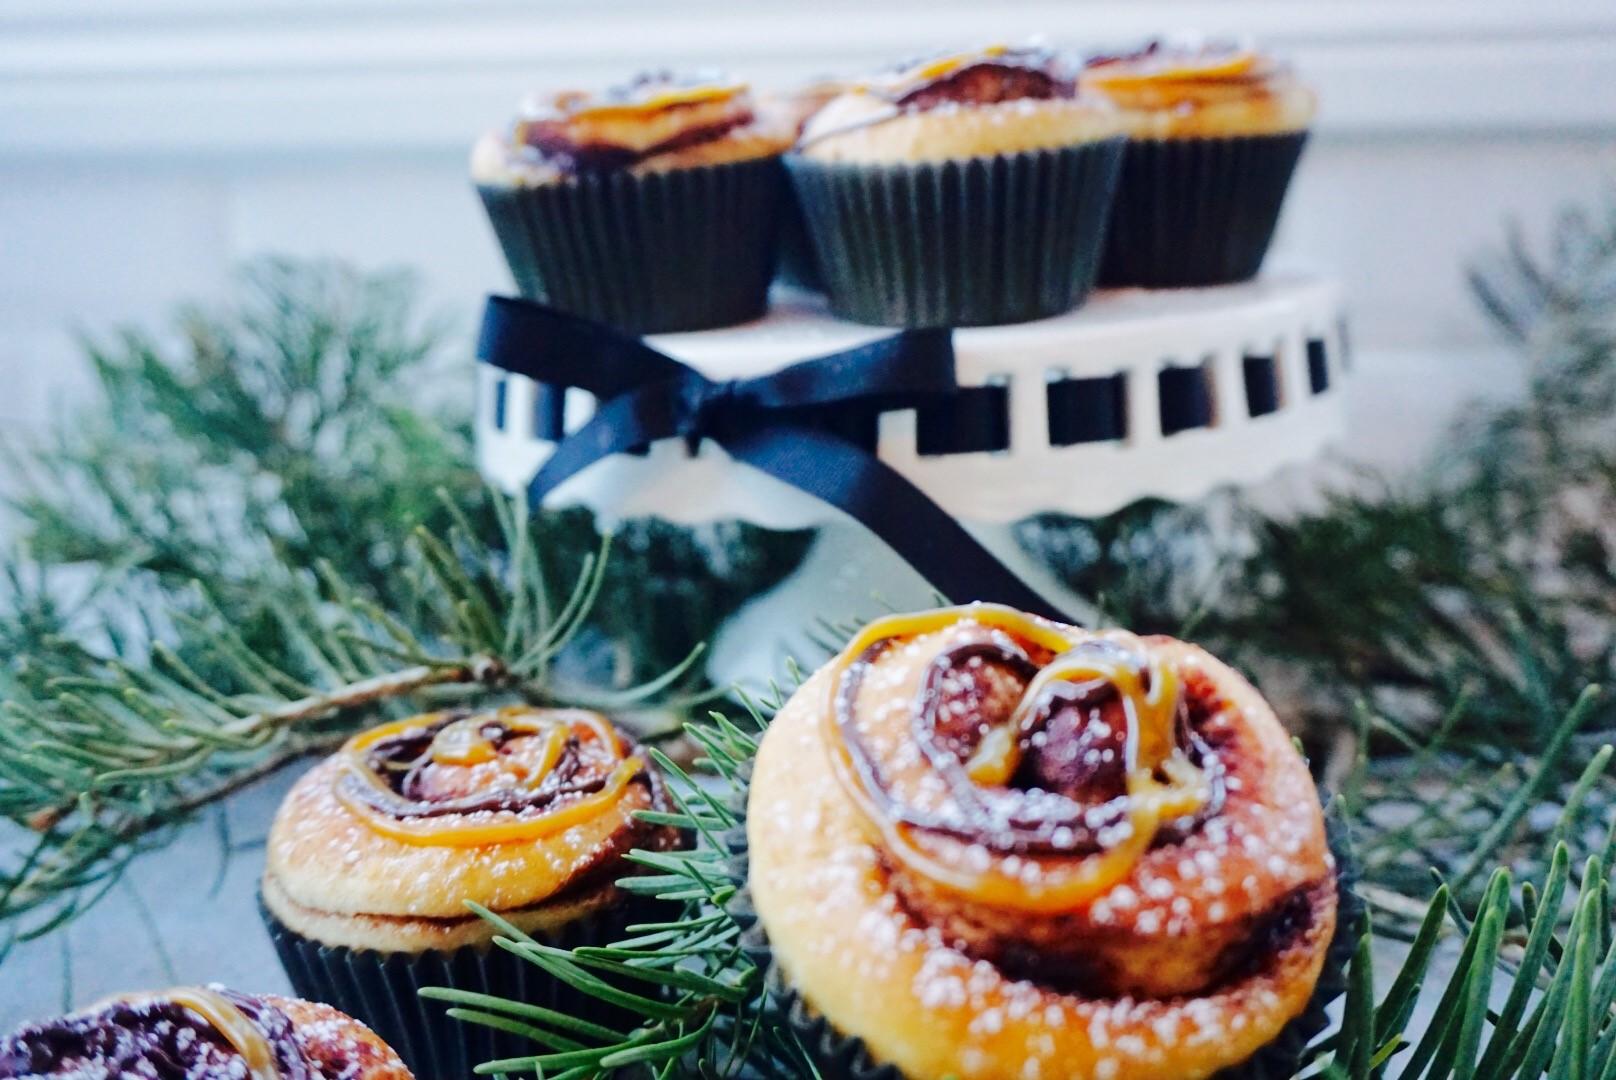 Kanslesnurr med smak av jul. Foto: Leif Inge Bårdsen/Matmonster.blogg.no